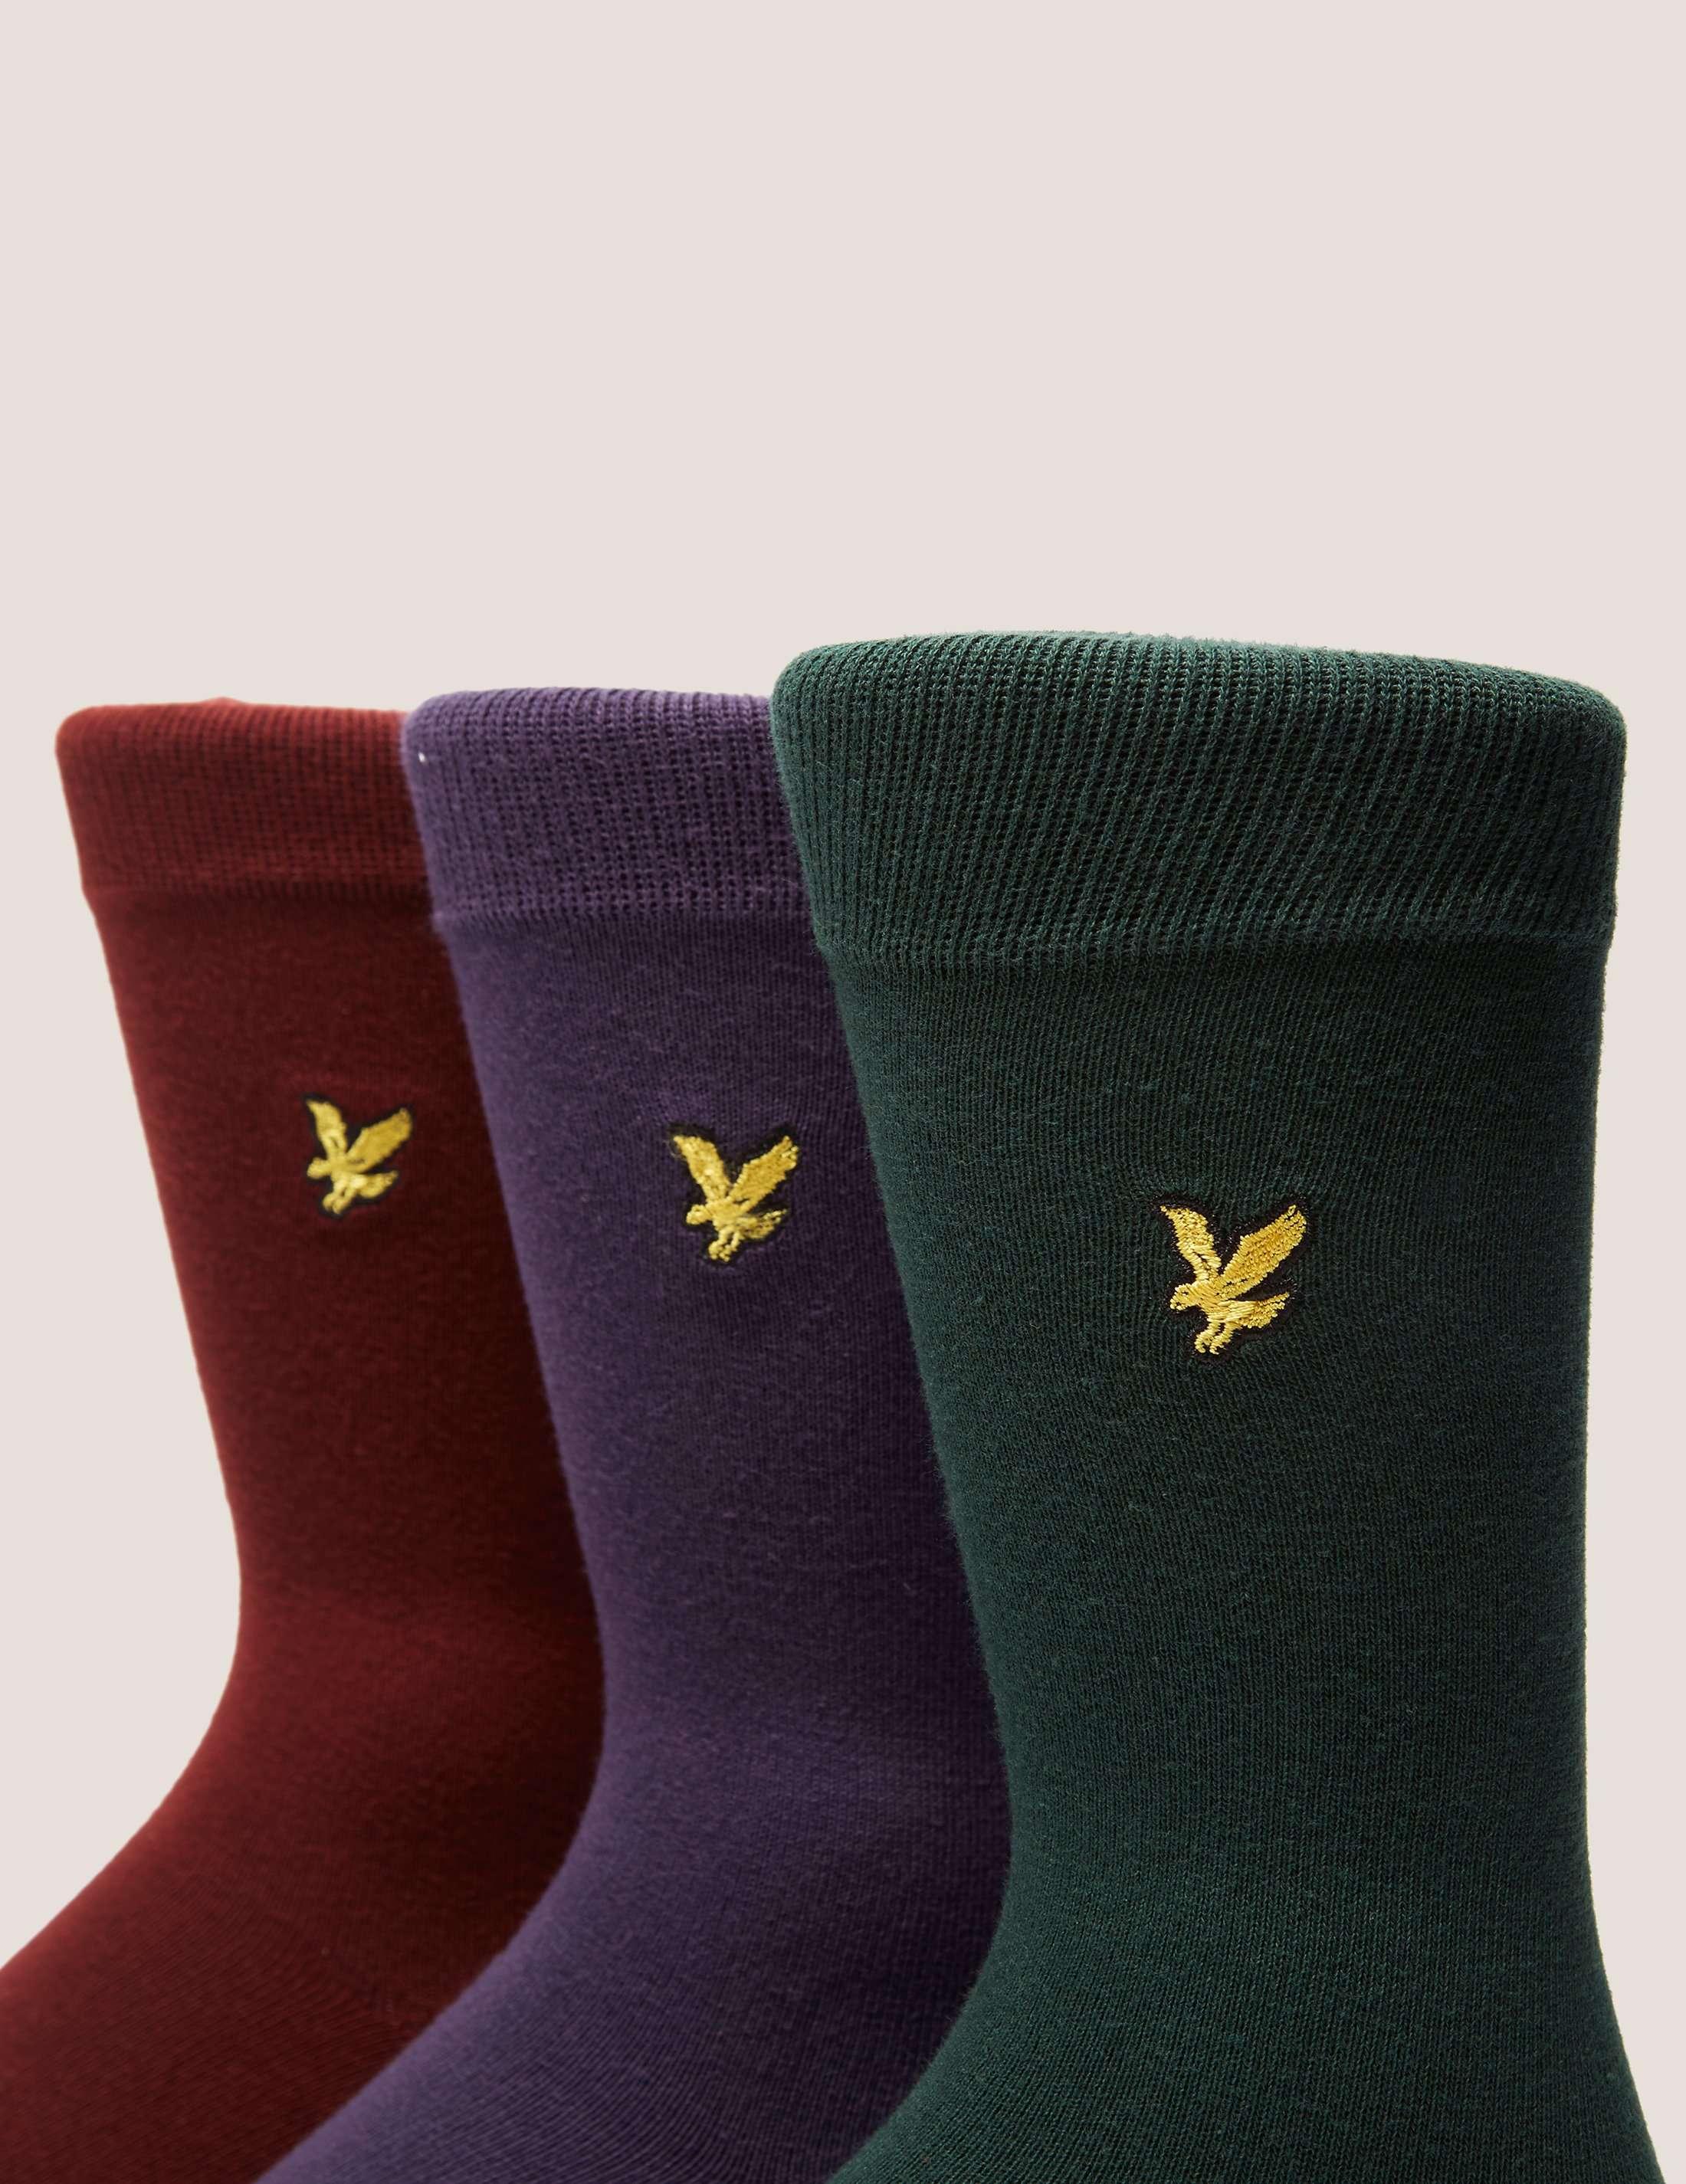 Lyle & Scott 3 Pack Socks